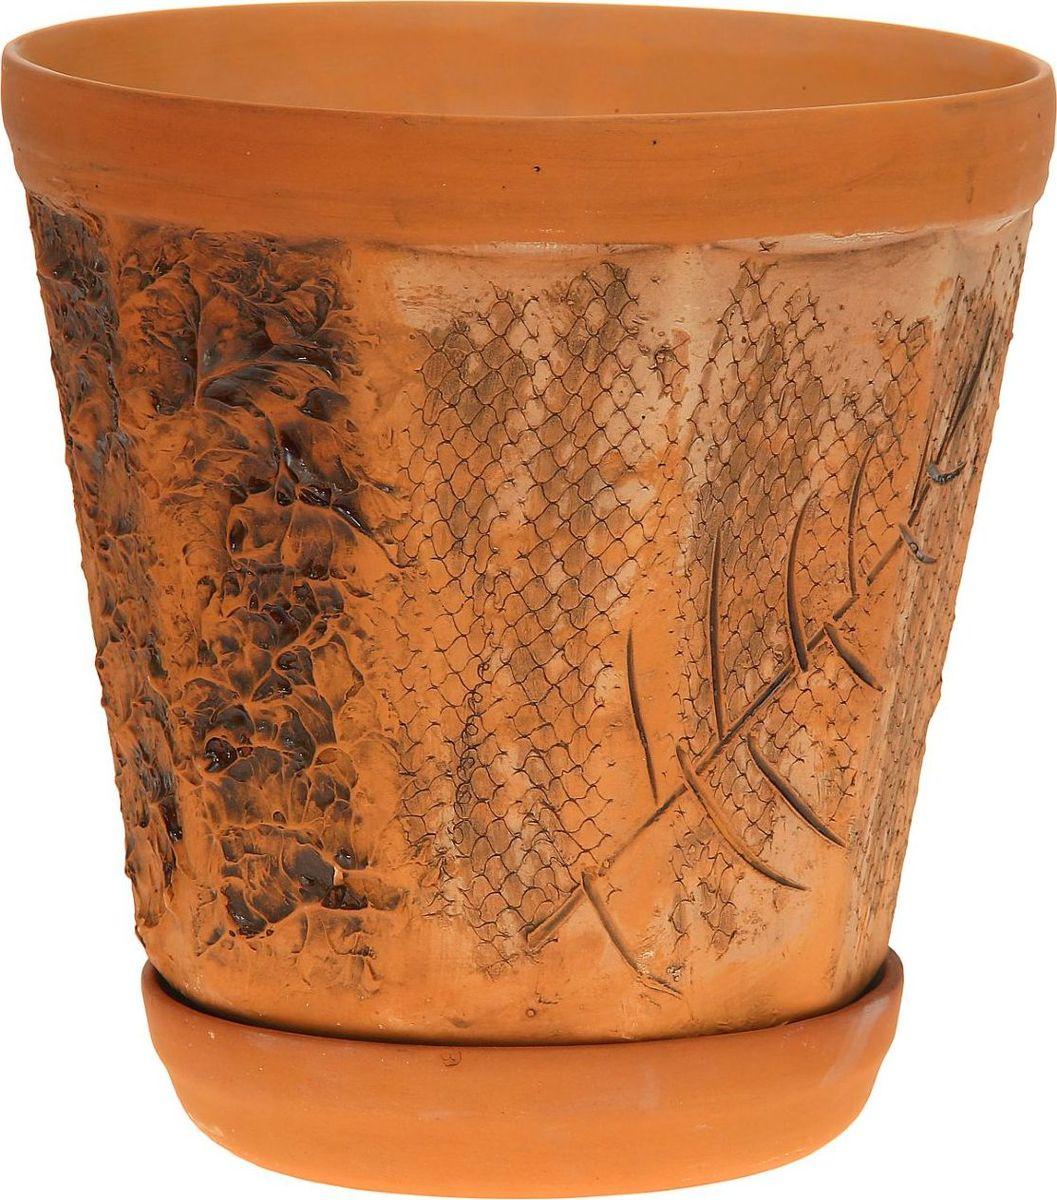 Кашпо Арман, 6 л1181981Комнатные растения — всеобщие любимцы. Они радуют глаз, насыщают помещение кислородом и украшают пространство. Каждому из них необходим свой удобный и красивый дом. Кашпо из керамики прекрасно подходят для высадки растений: за счет пластичности глины и разных способов обработки существует великое множество форм и дизайнов пористый материал позволяет испаряться лишней влаге воздух, необходимый для дыхания корней, проникает сквозь керамические стенки! позаботится о зеленом питомце, освежит интерьер и подчеркнет его стиль.